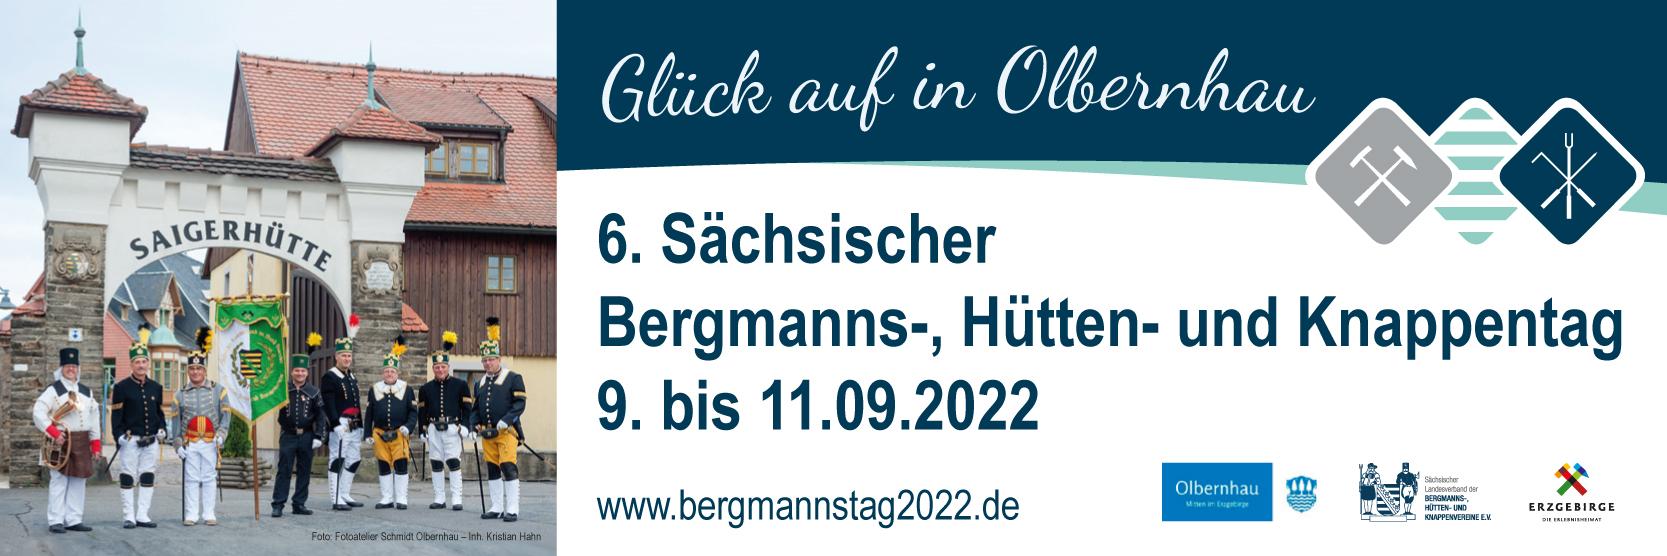 6. Sächsischer Bergmanns-, Hütten- und Knappentag vom 9. bis 11. September 2022 in Olbernhau